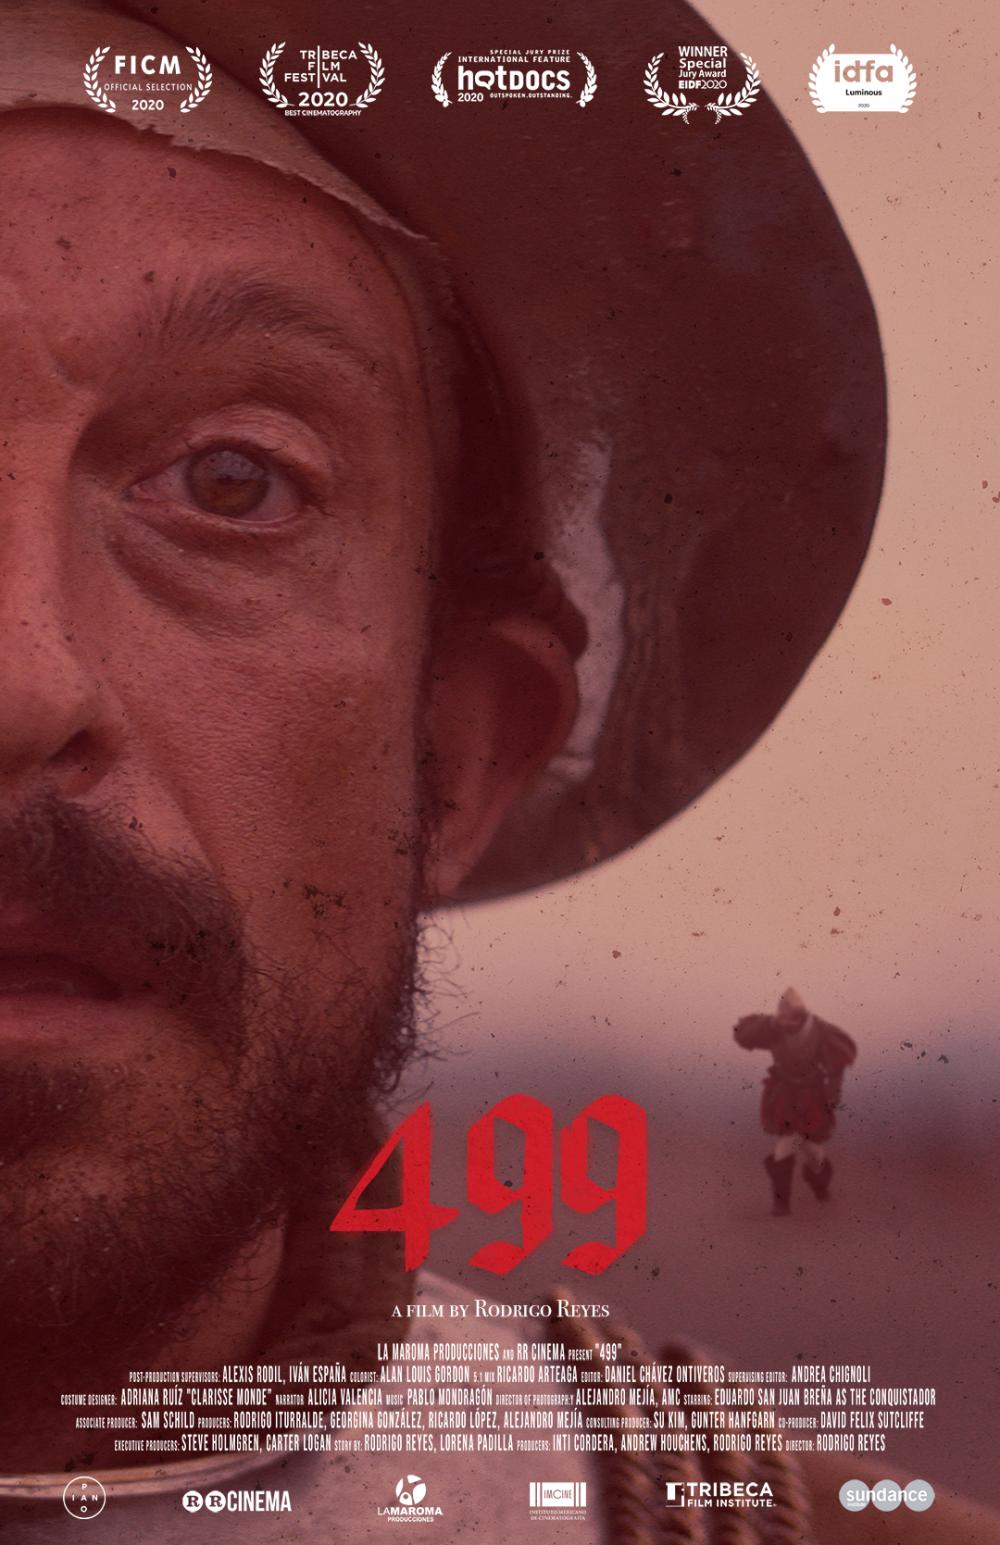 Elenco de la película 499 estará en Puebla y Tlaxcala